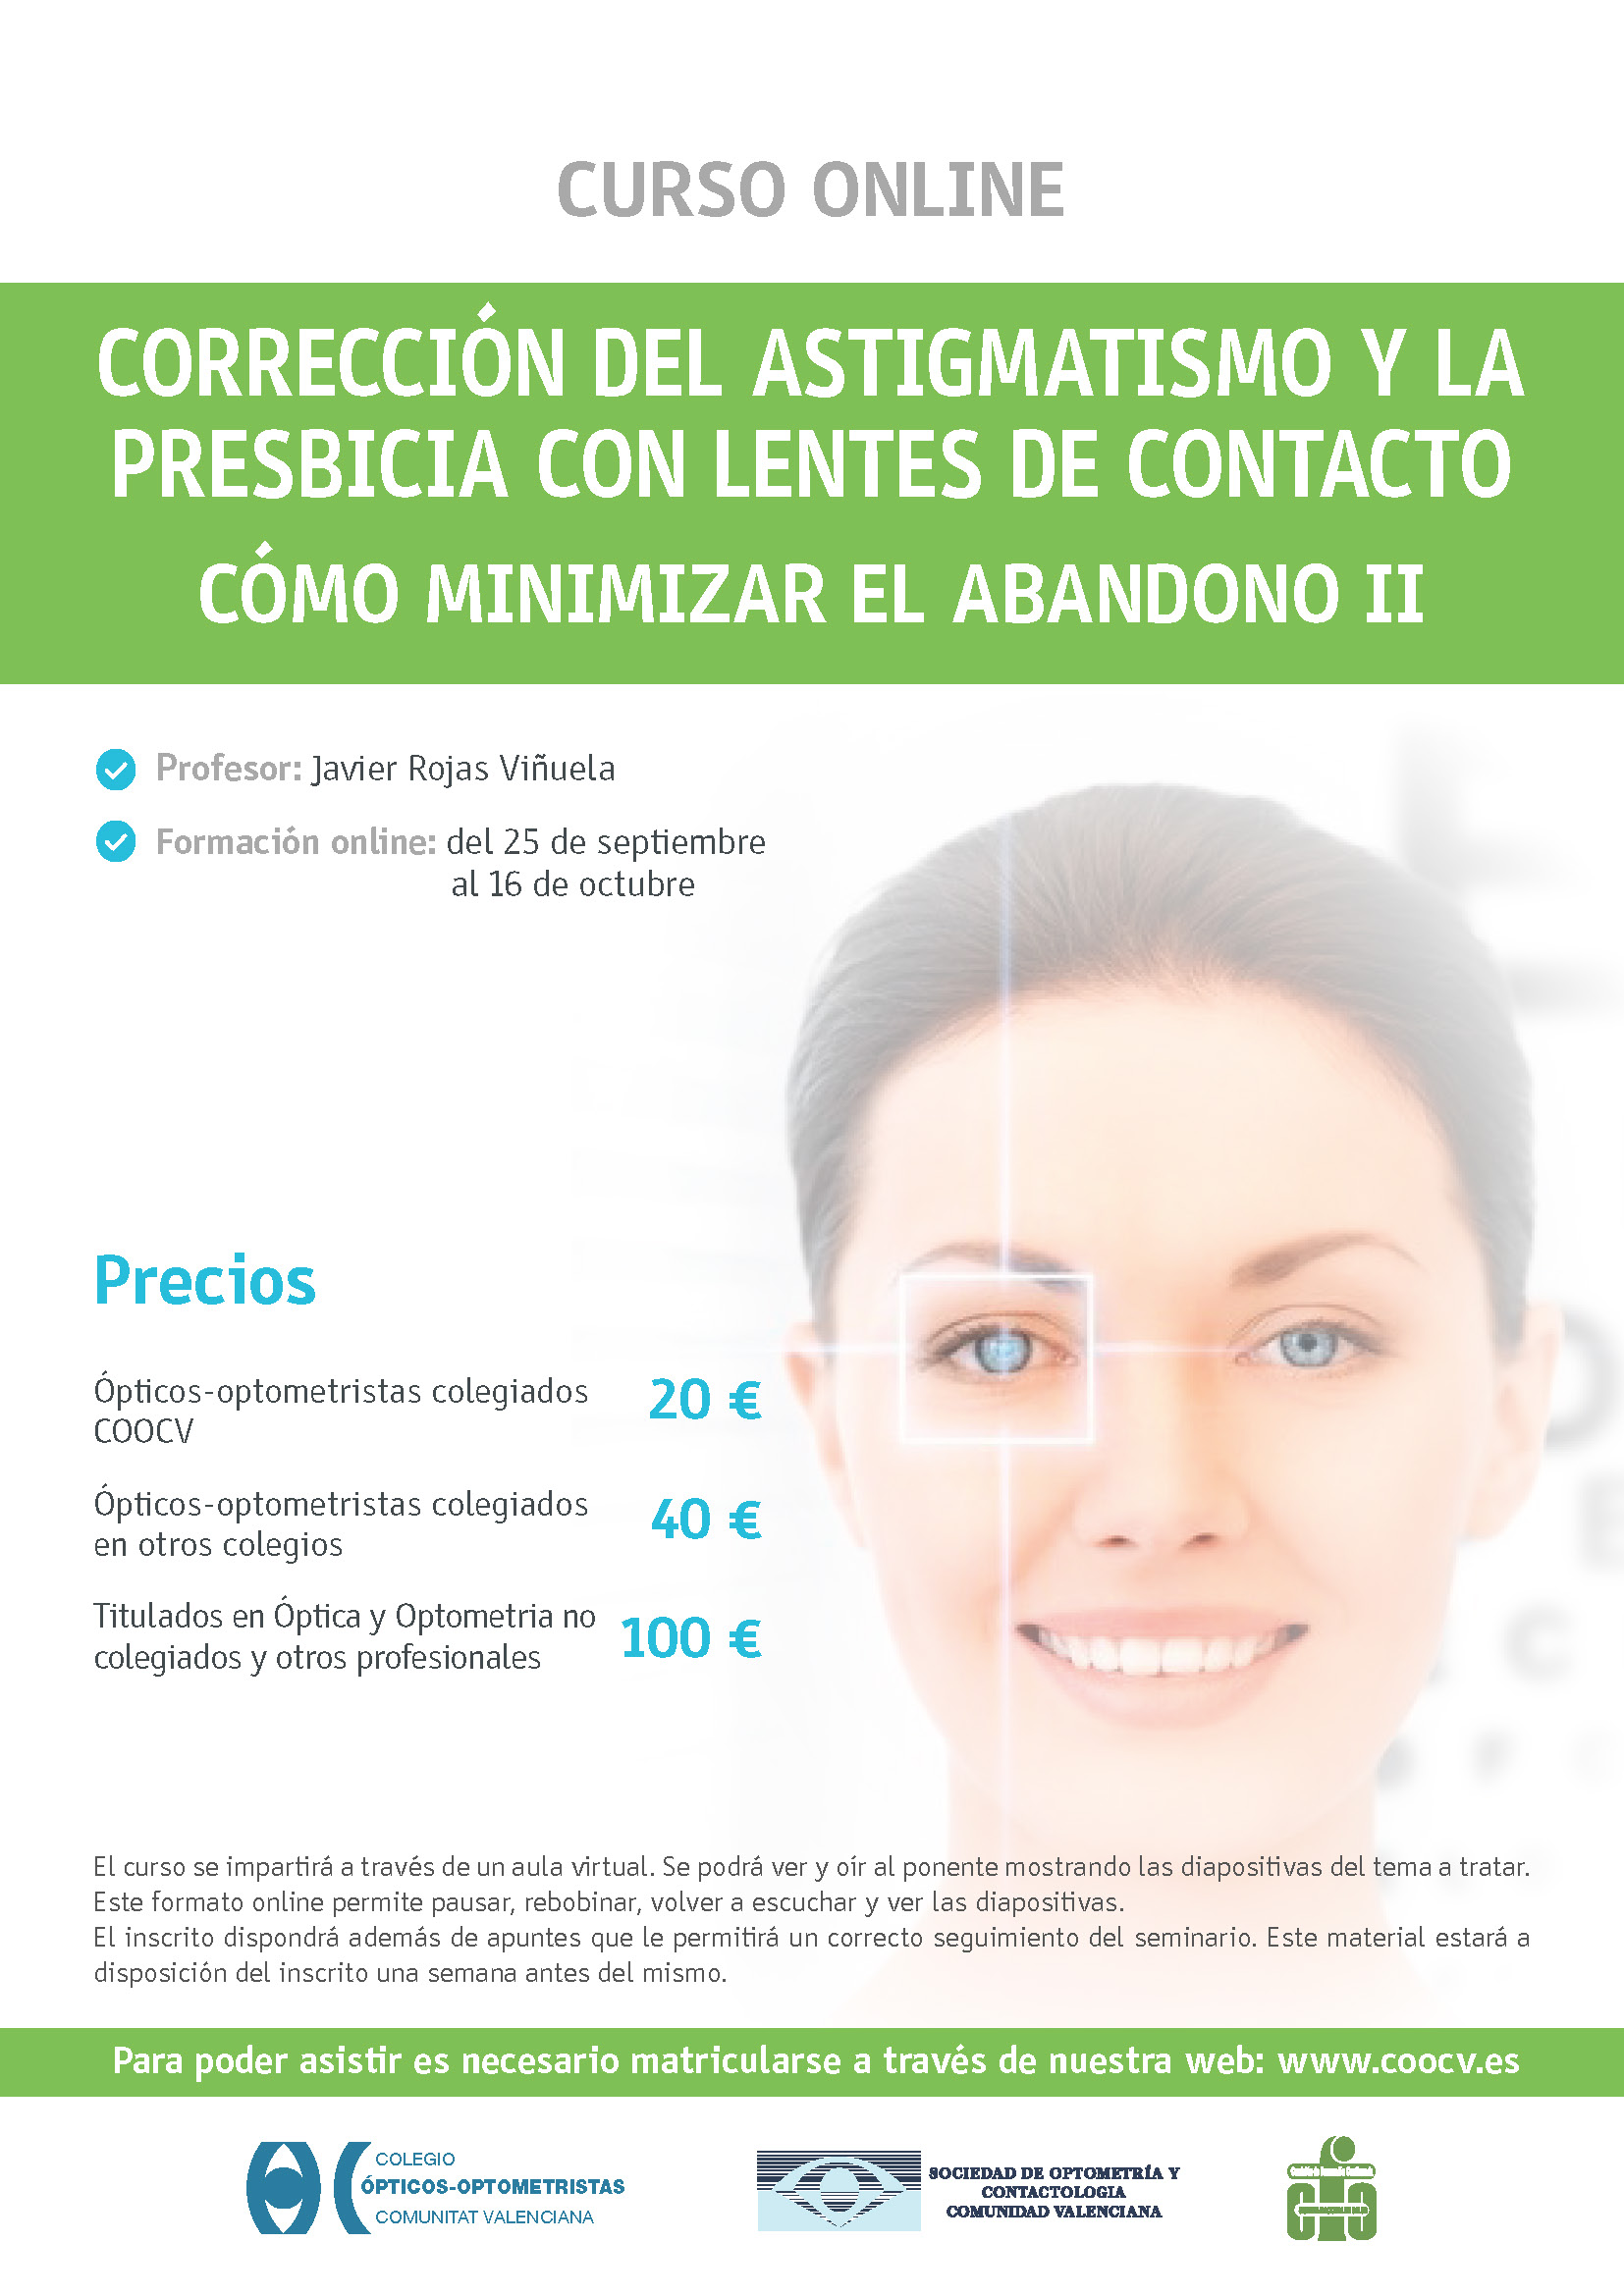 Corrección del Astigmatismo y la Presbicia con lentes de contacto